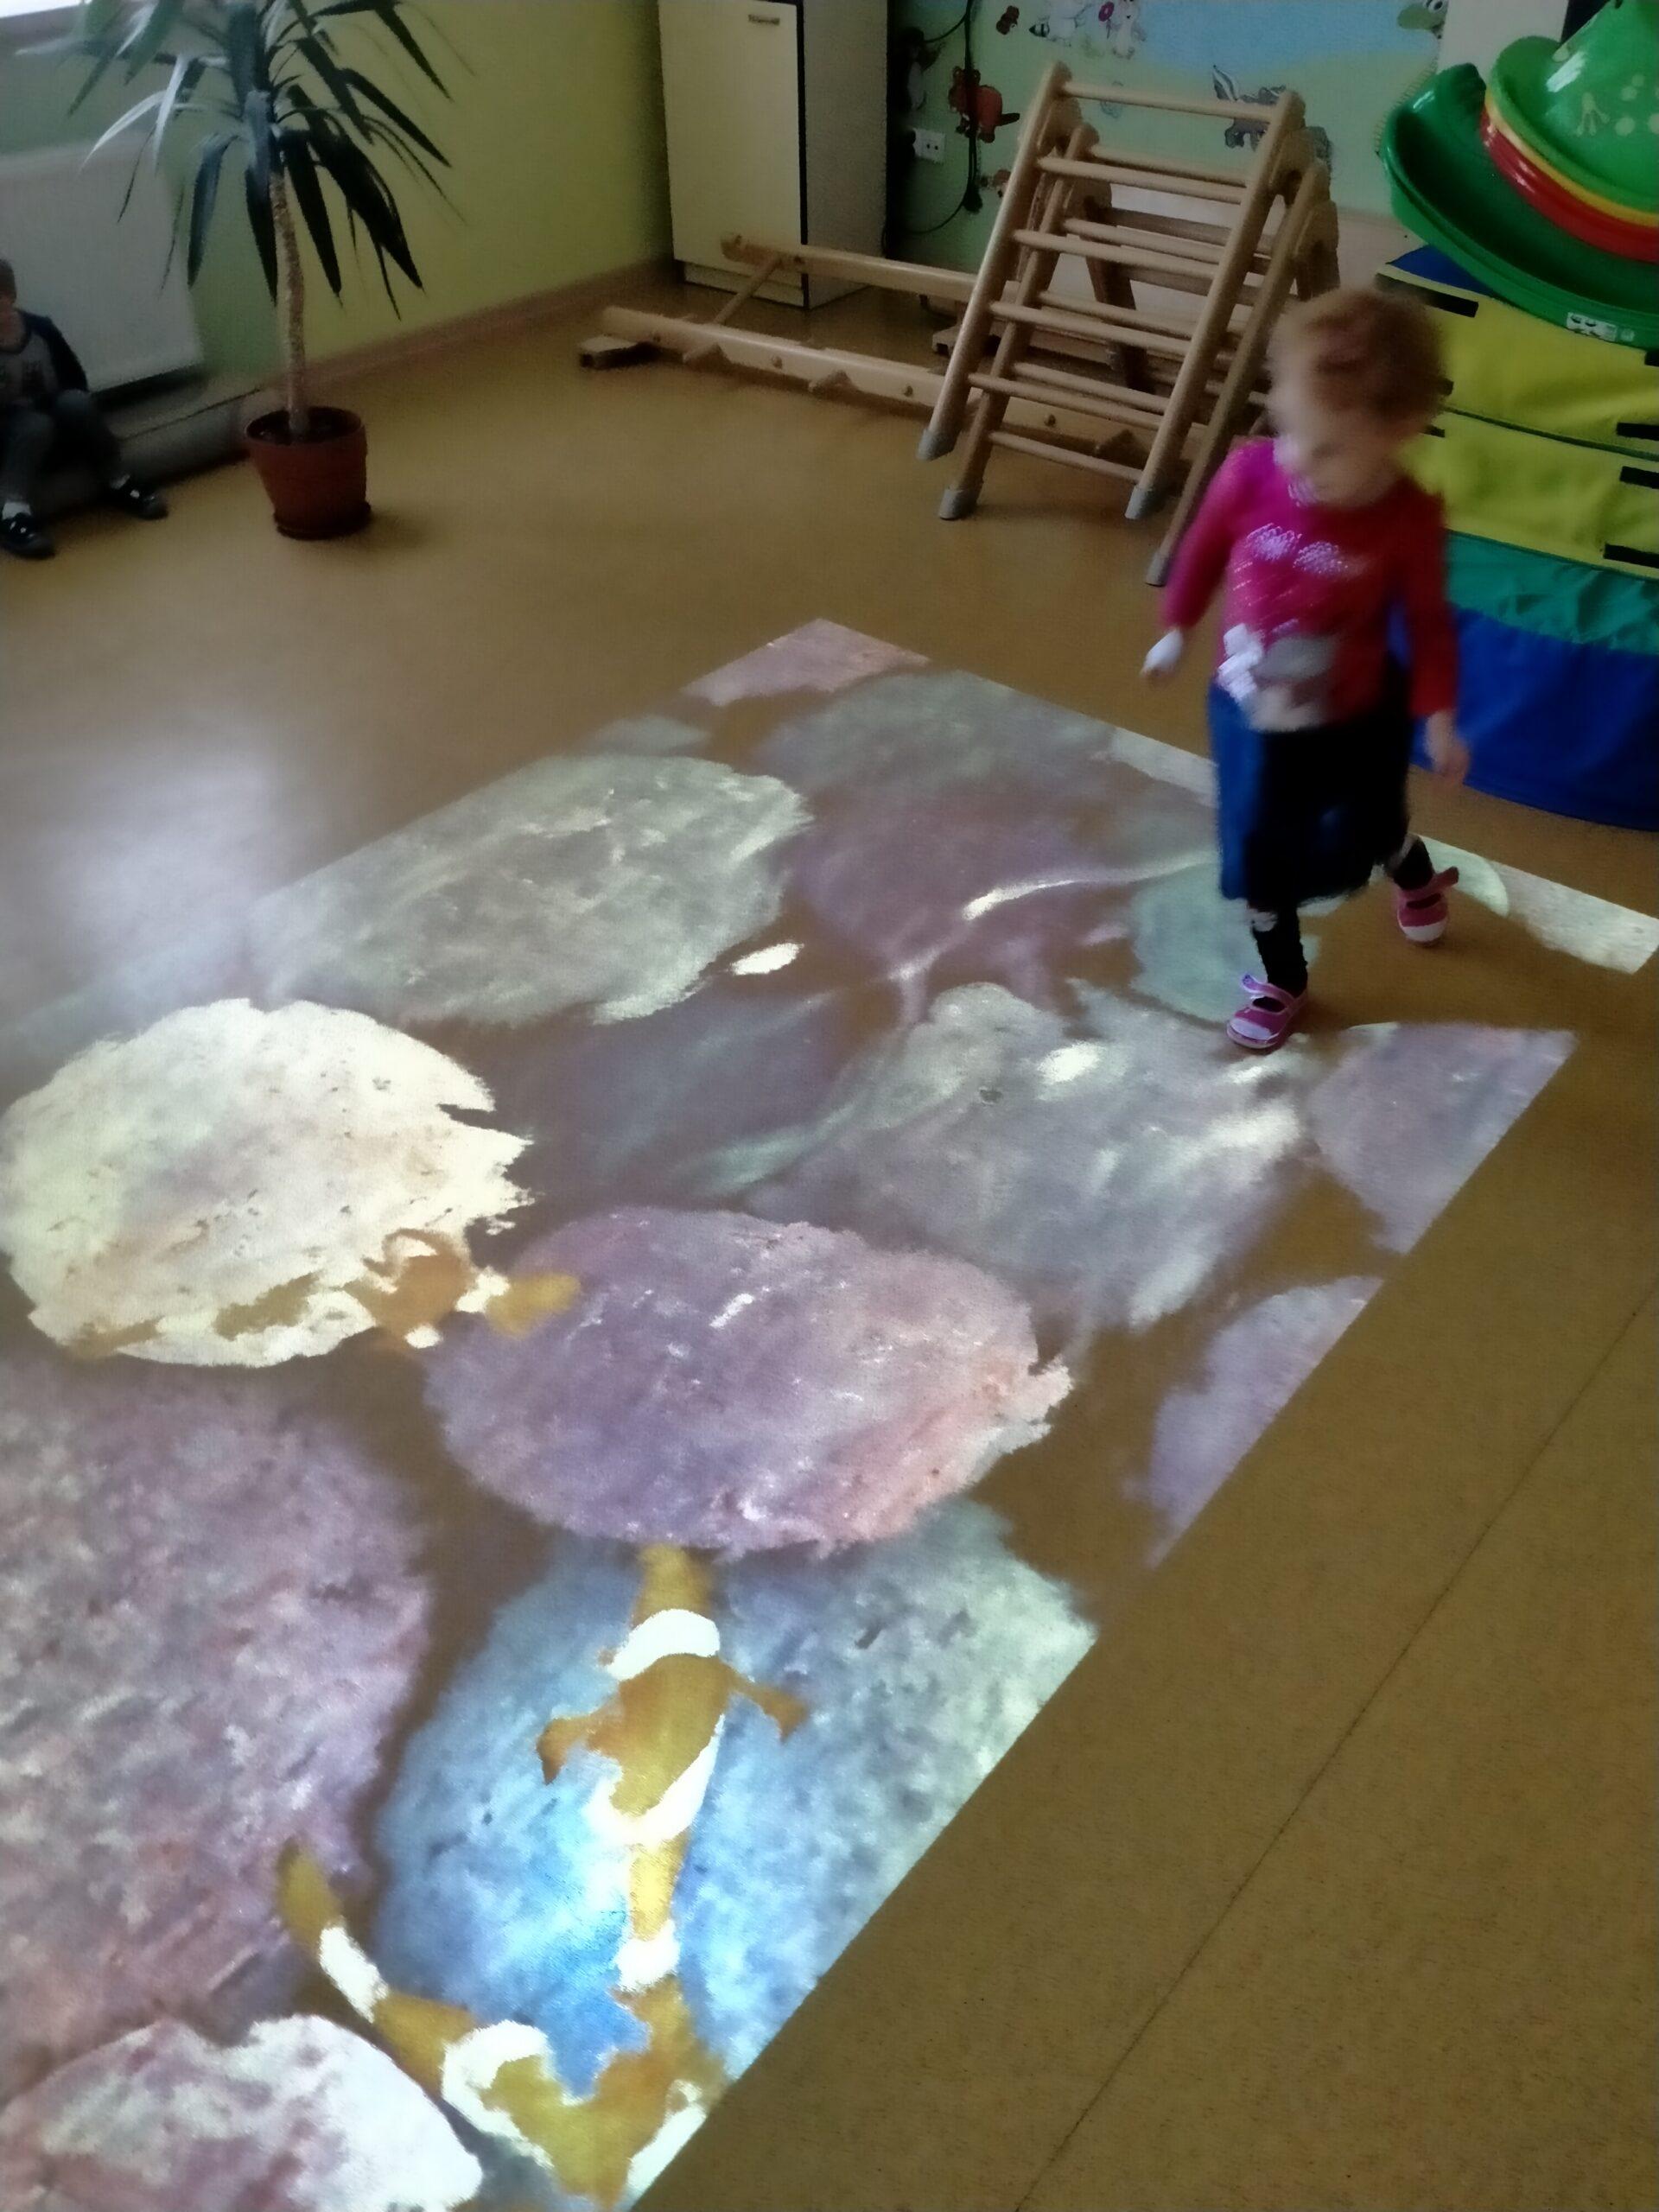 Dziewczynka stoi na multimedialnym dywanie i goni rybki.